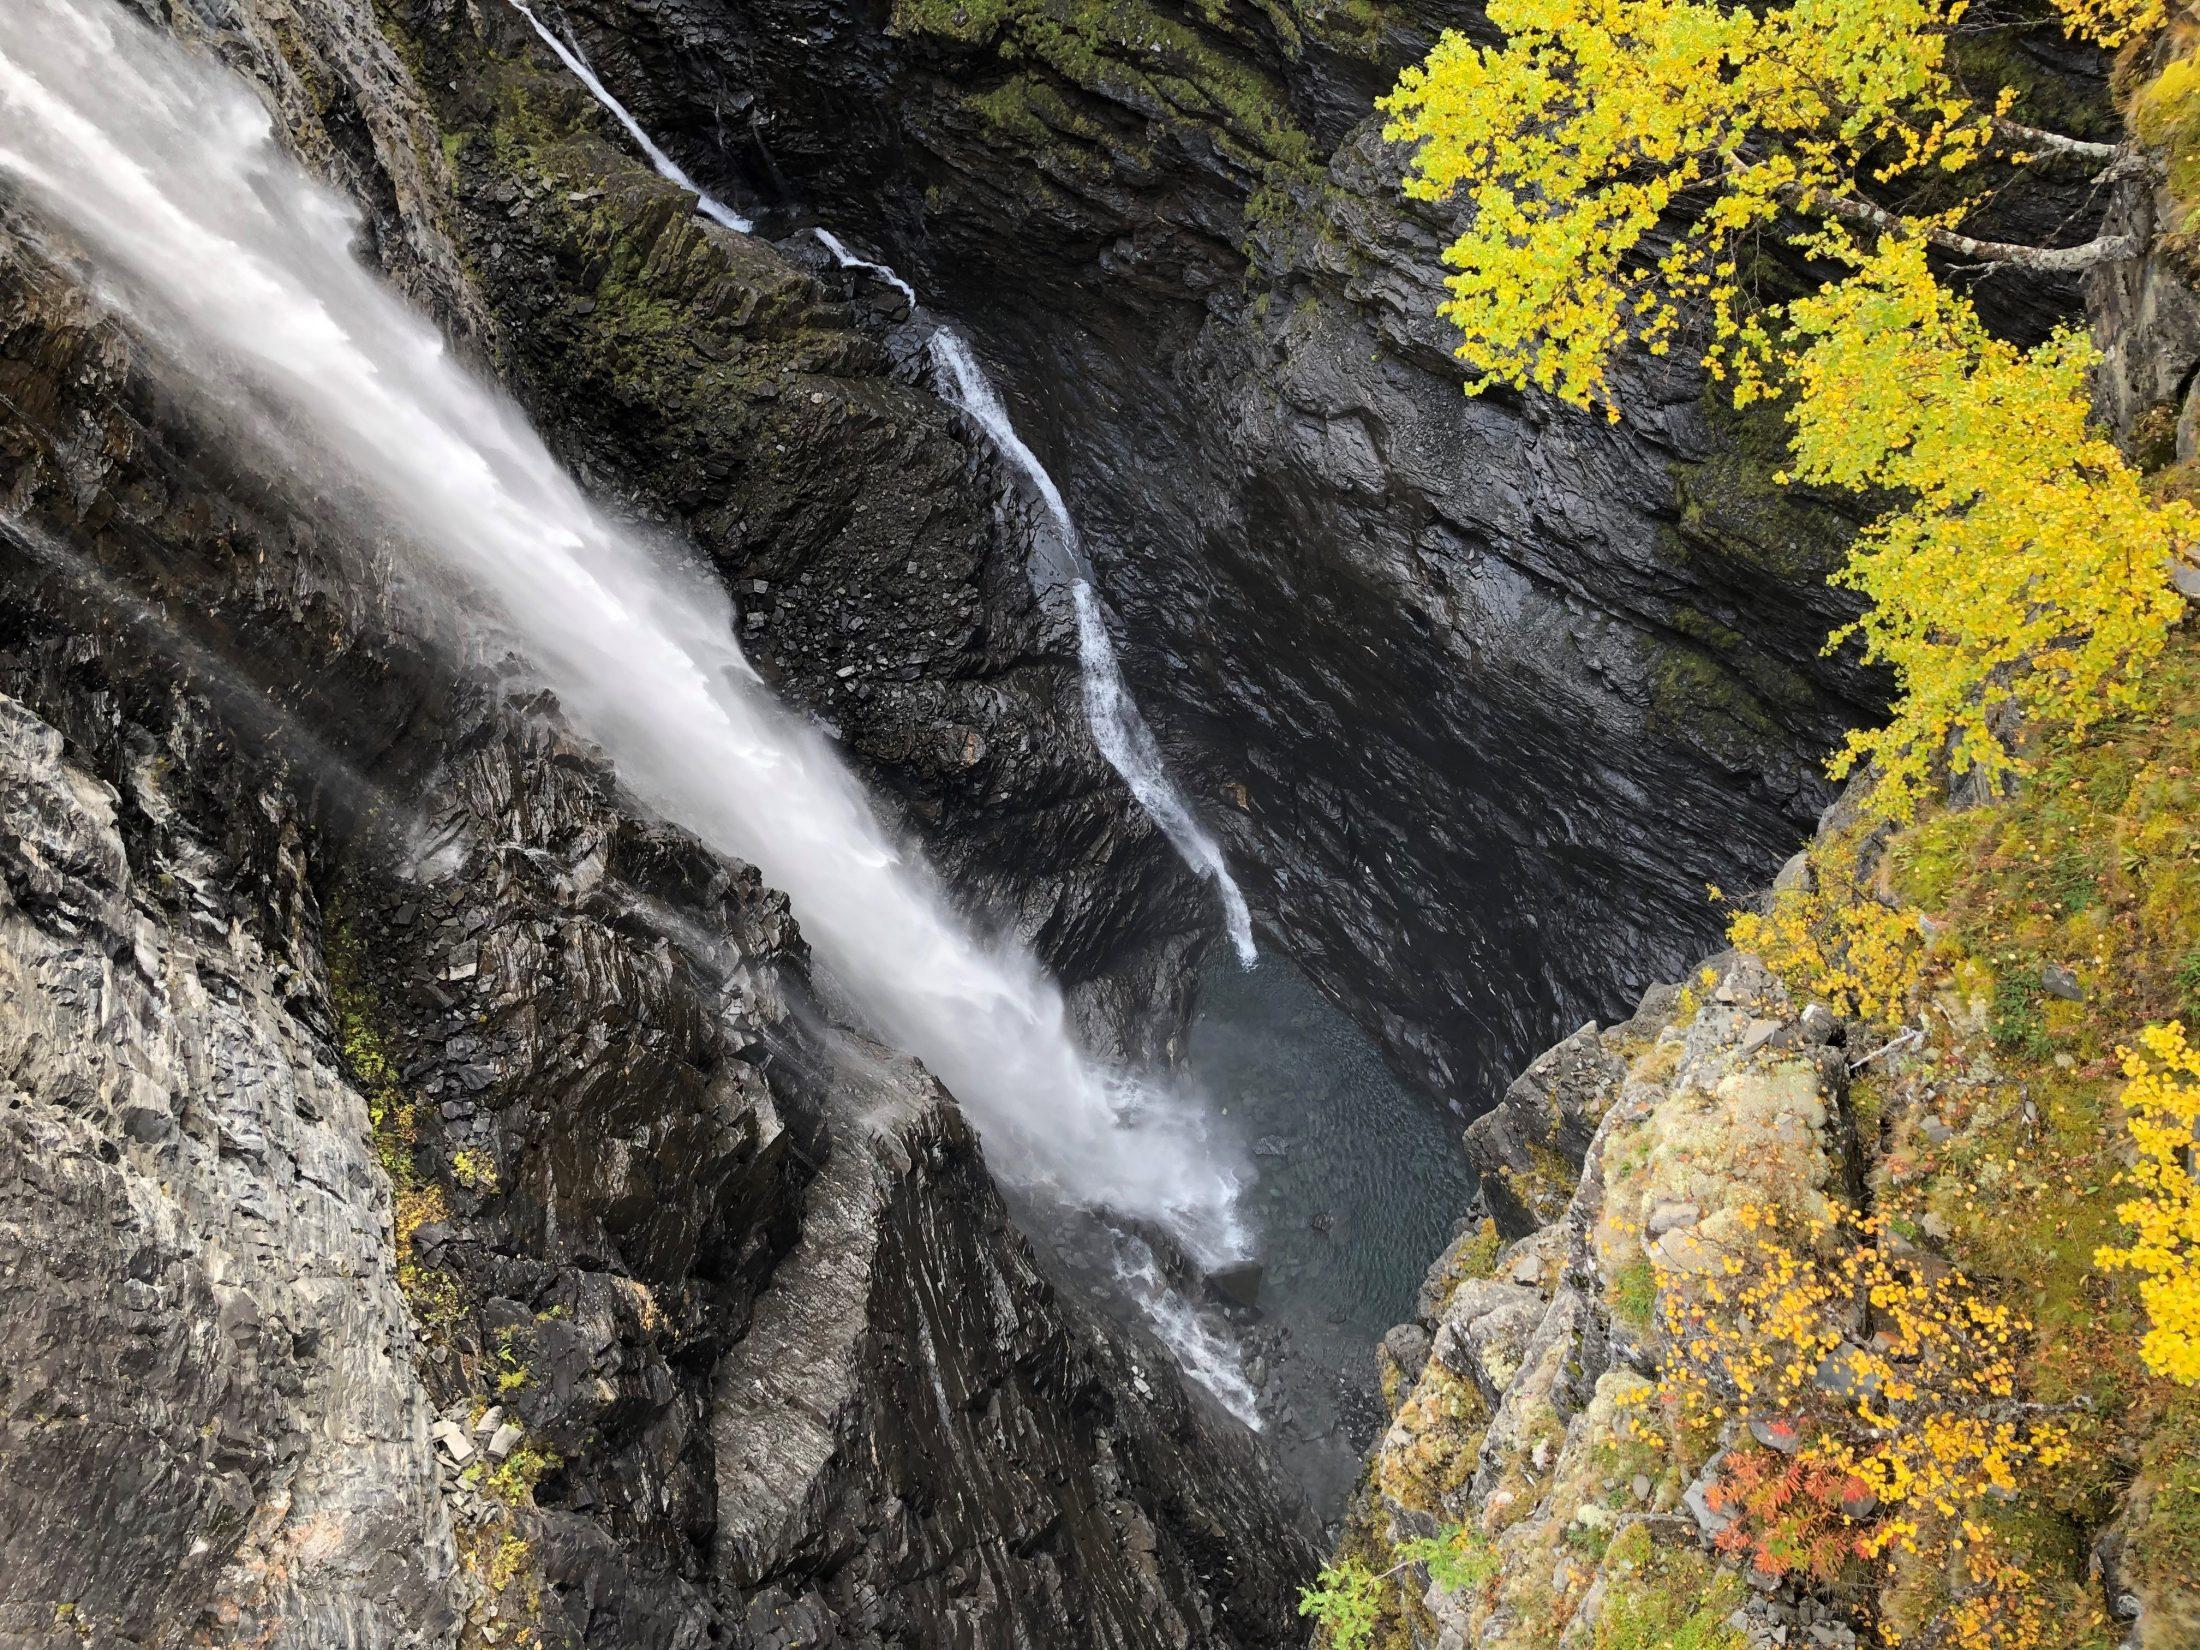 Kåfjorddalen